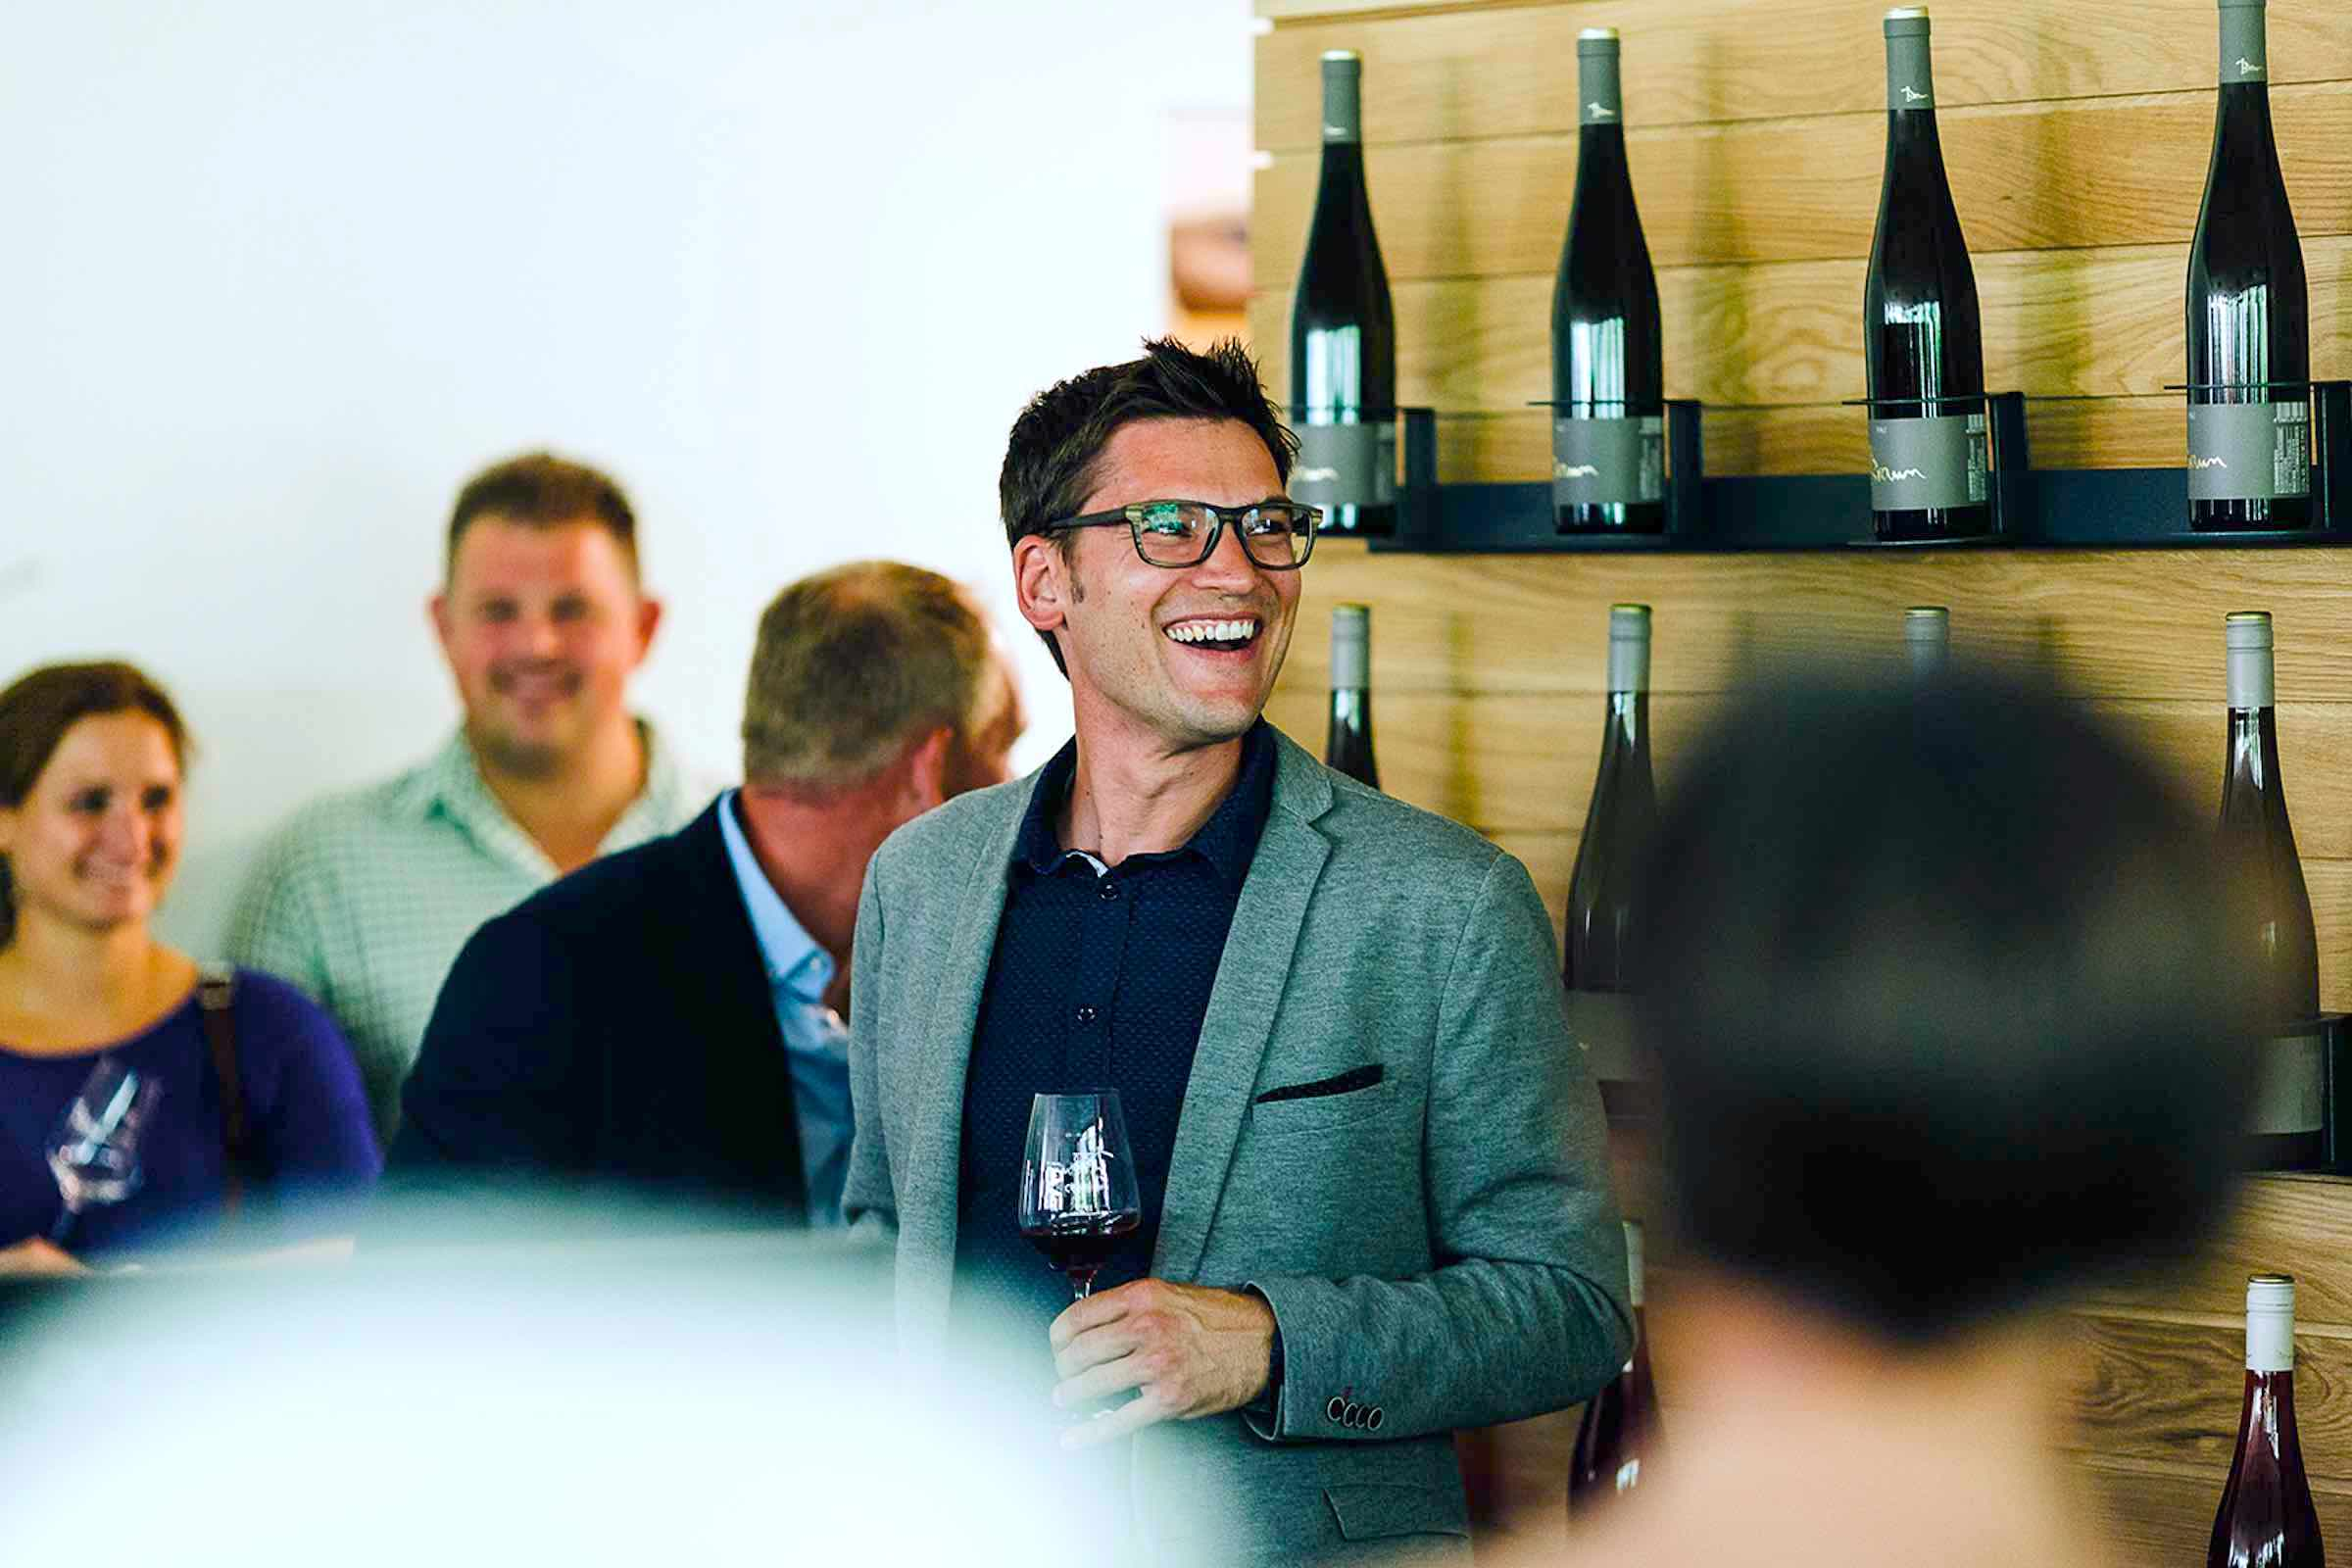 Barformat | Pfalz | Wein | Mobile | Cocktail | Bar | Ginbar | Kaffee | Spezialitäten | Hannover | Weinbar | Rotwein | Weisswein | Sektempfang | Gutsabfüllung | Lieferant